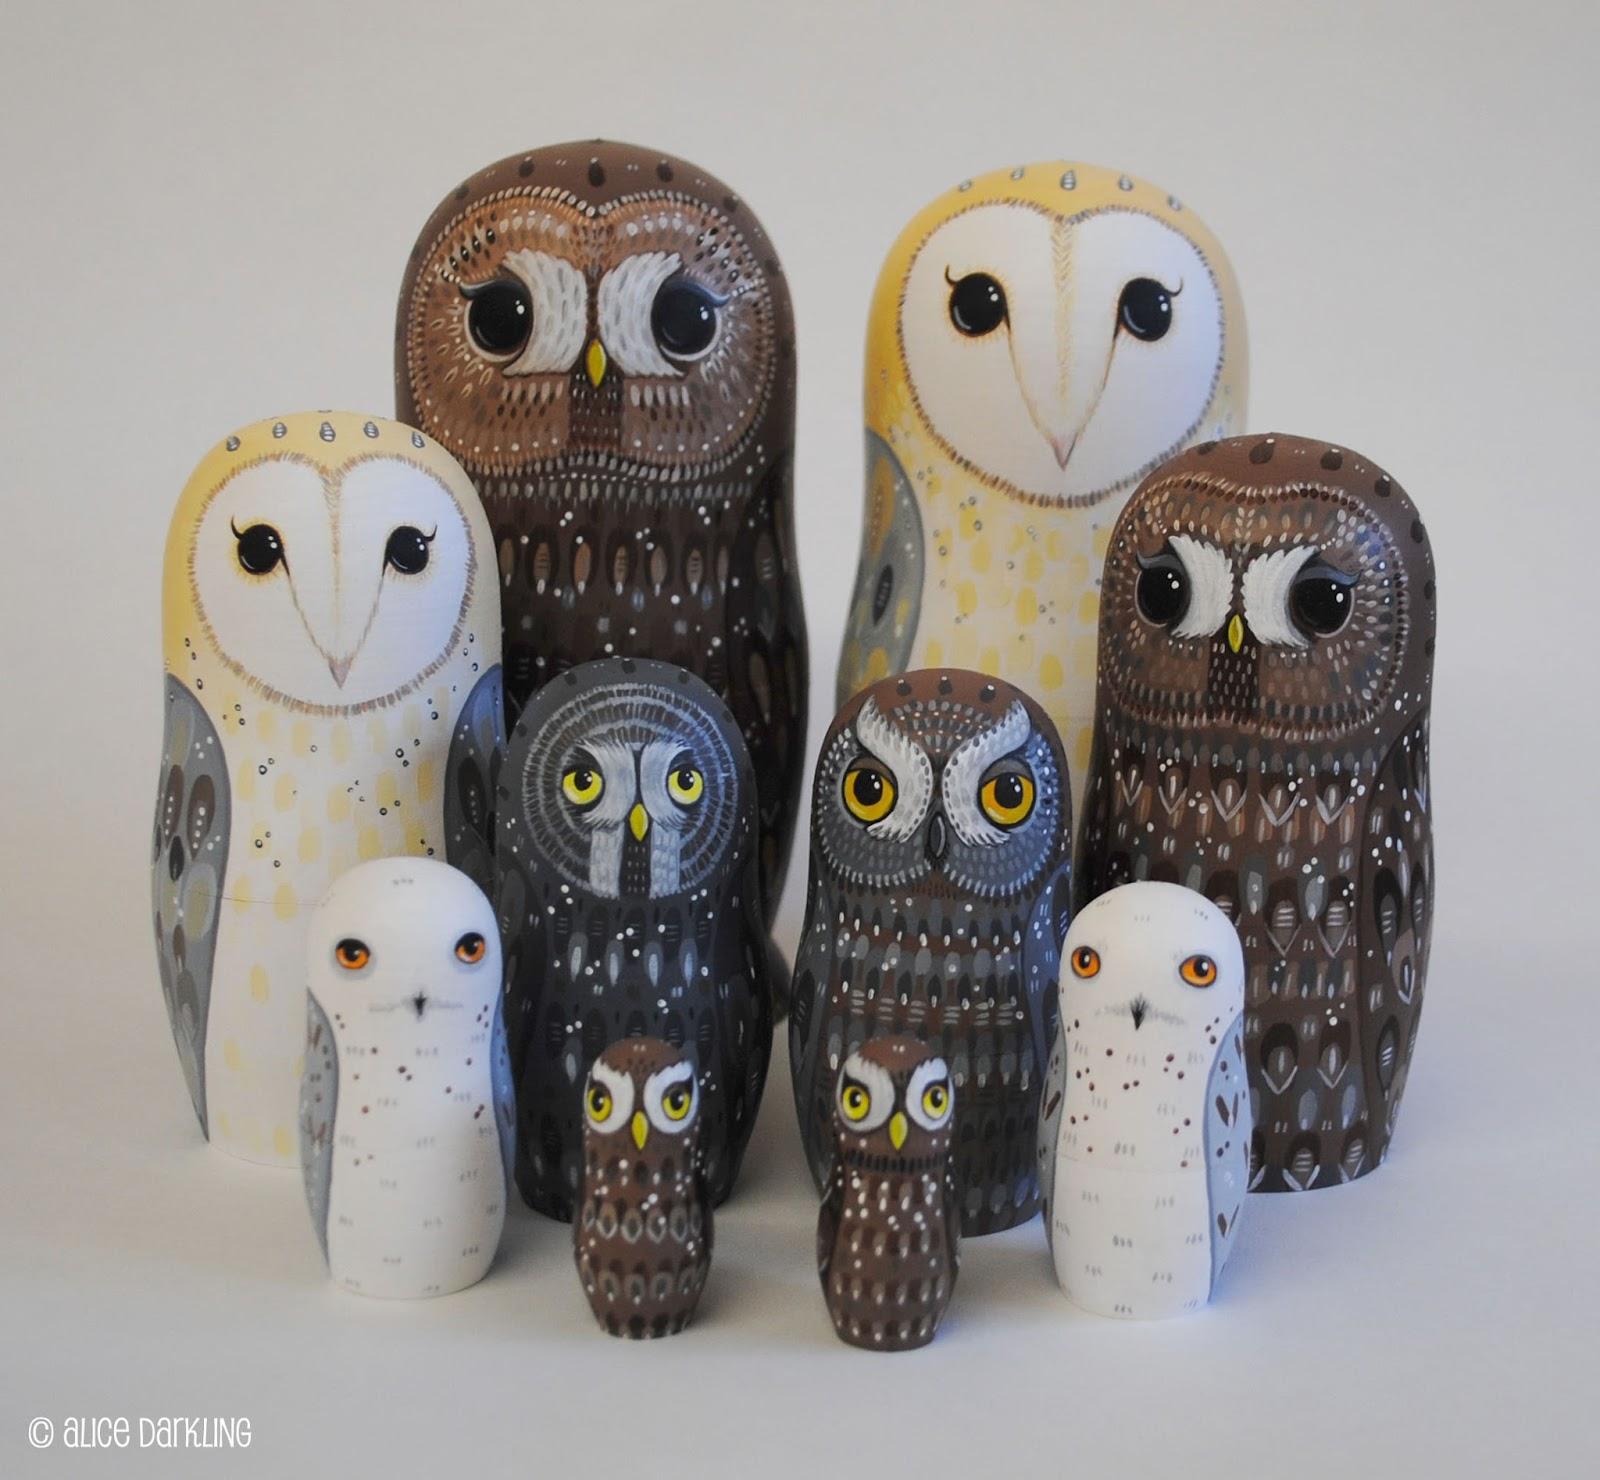 Russian Nesting Dolls Owls Owl Nesting Russian Matryoshka